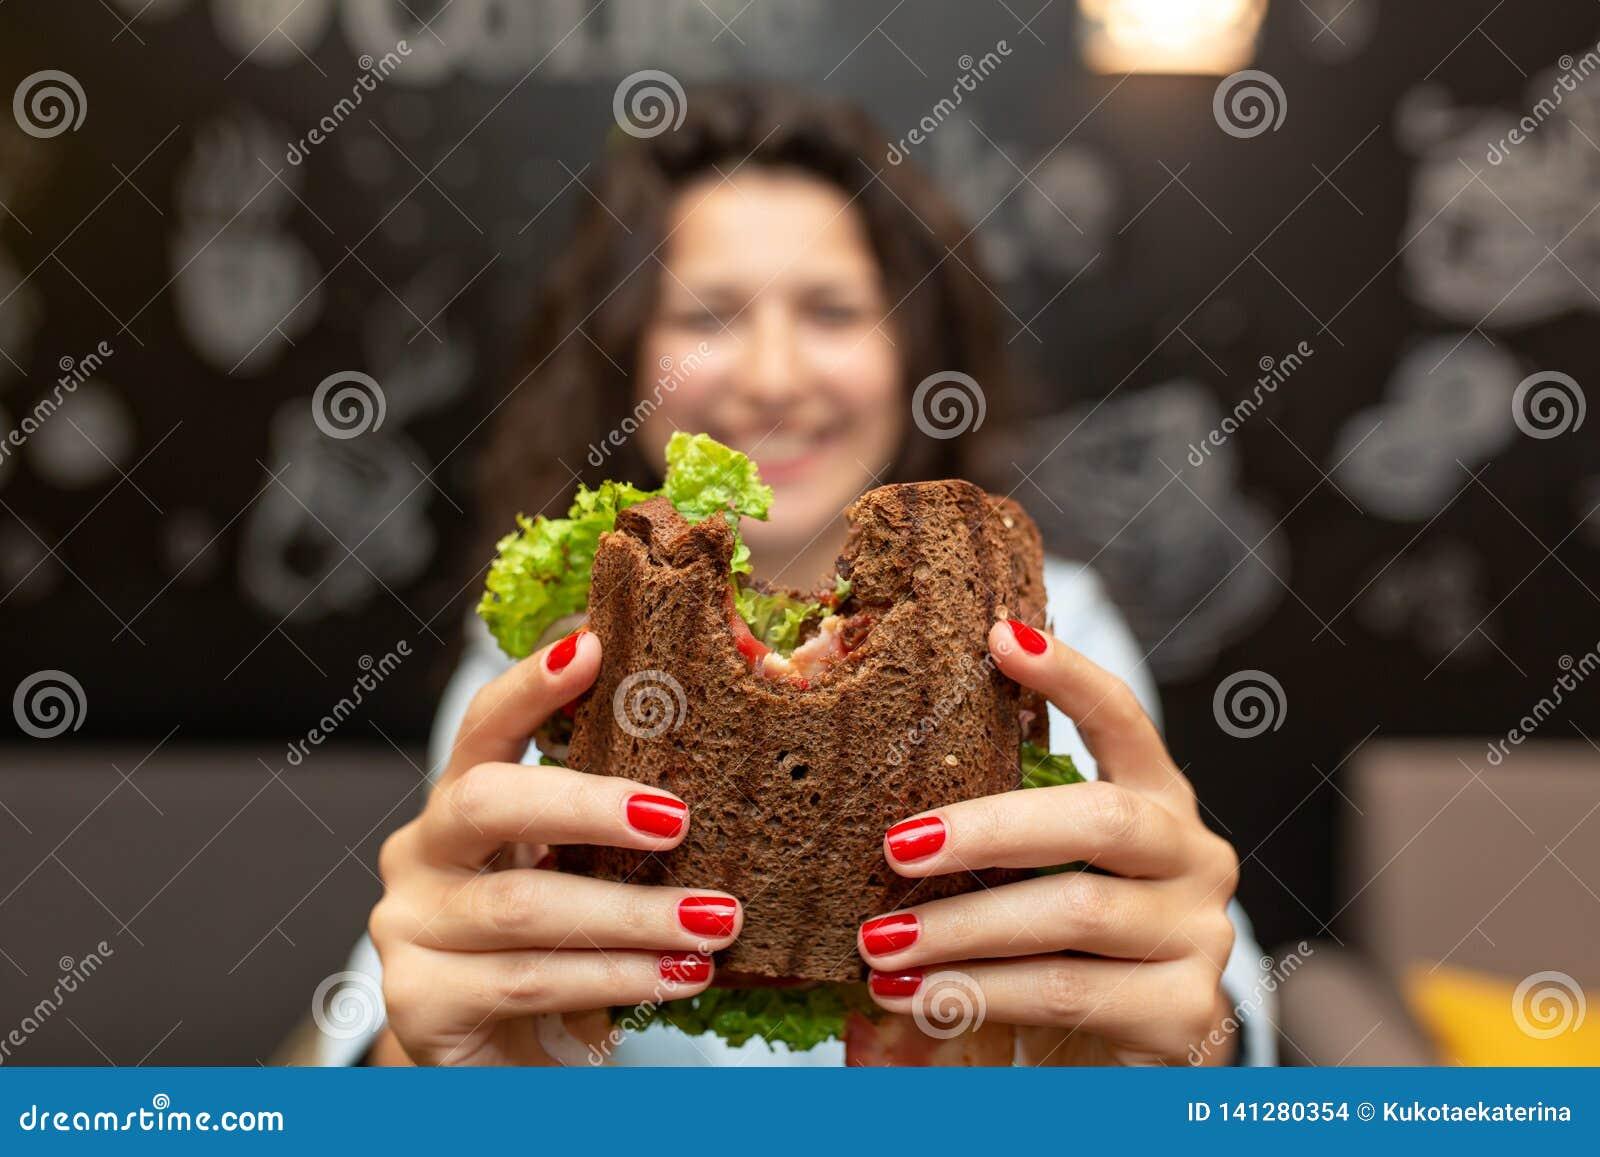 Protrait крупного плана смешное запачканное сэндвича молодой женщины сдержанного владением ее 2 руками Сэндвич в фокусе Темная пр